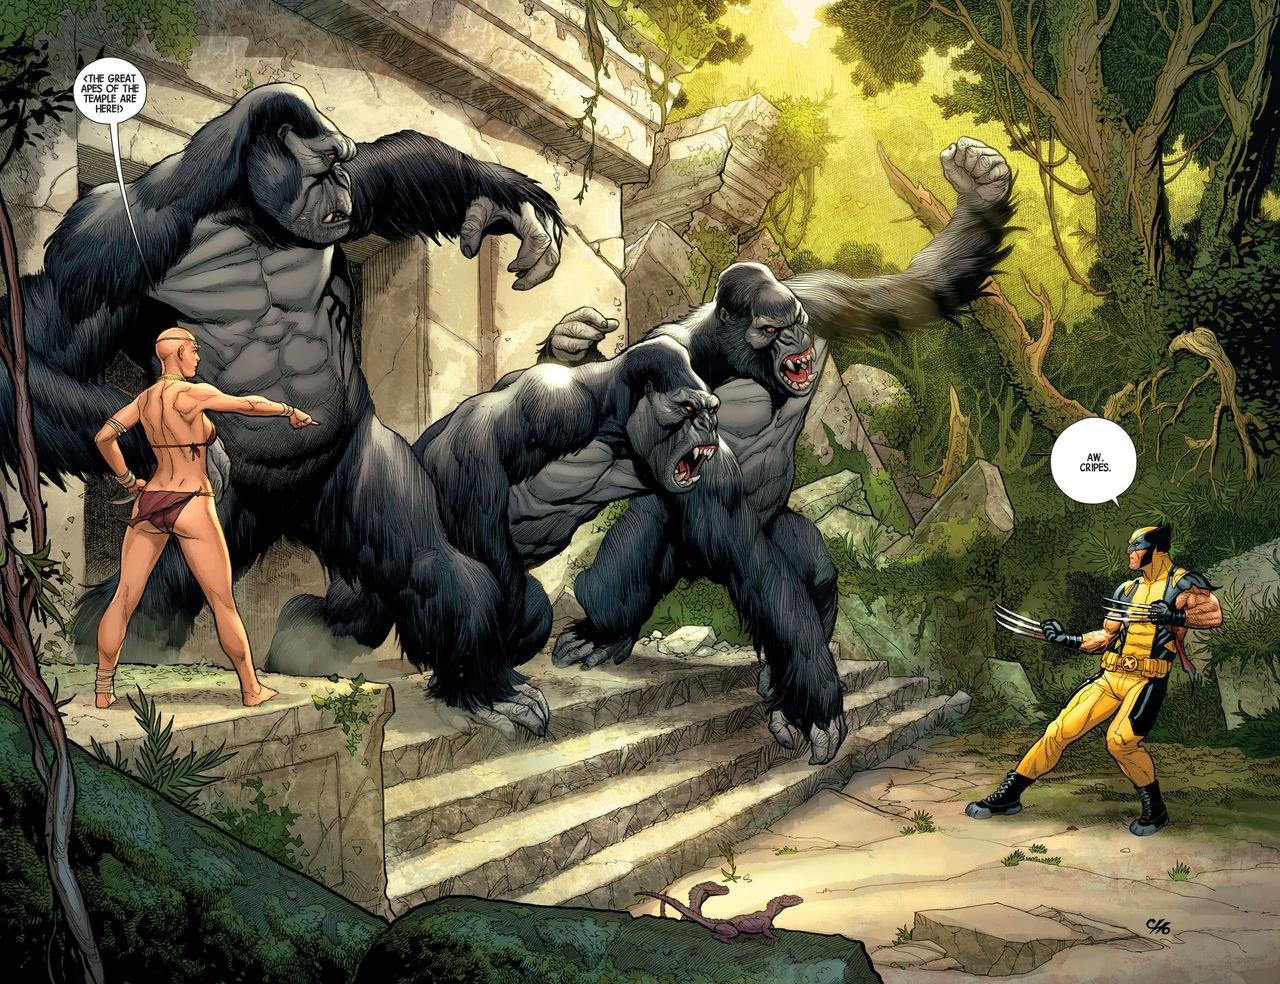 imgsrc.ru nudista 13 Big Culo Day 2014: La Nudista de los Gigantopithecus